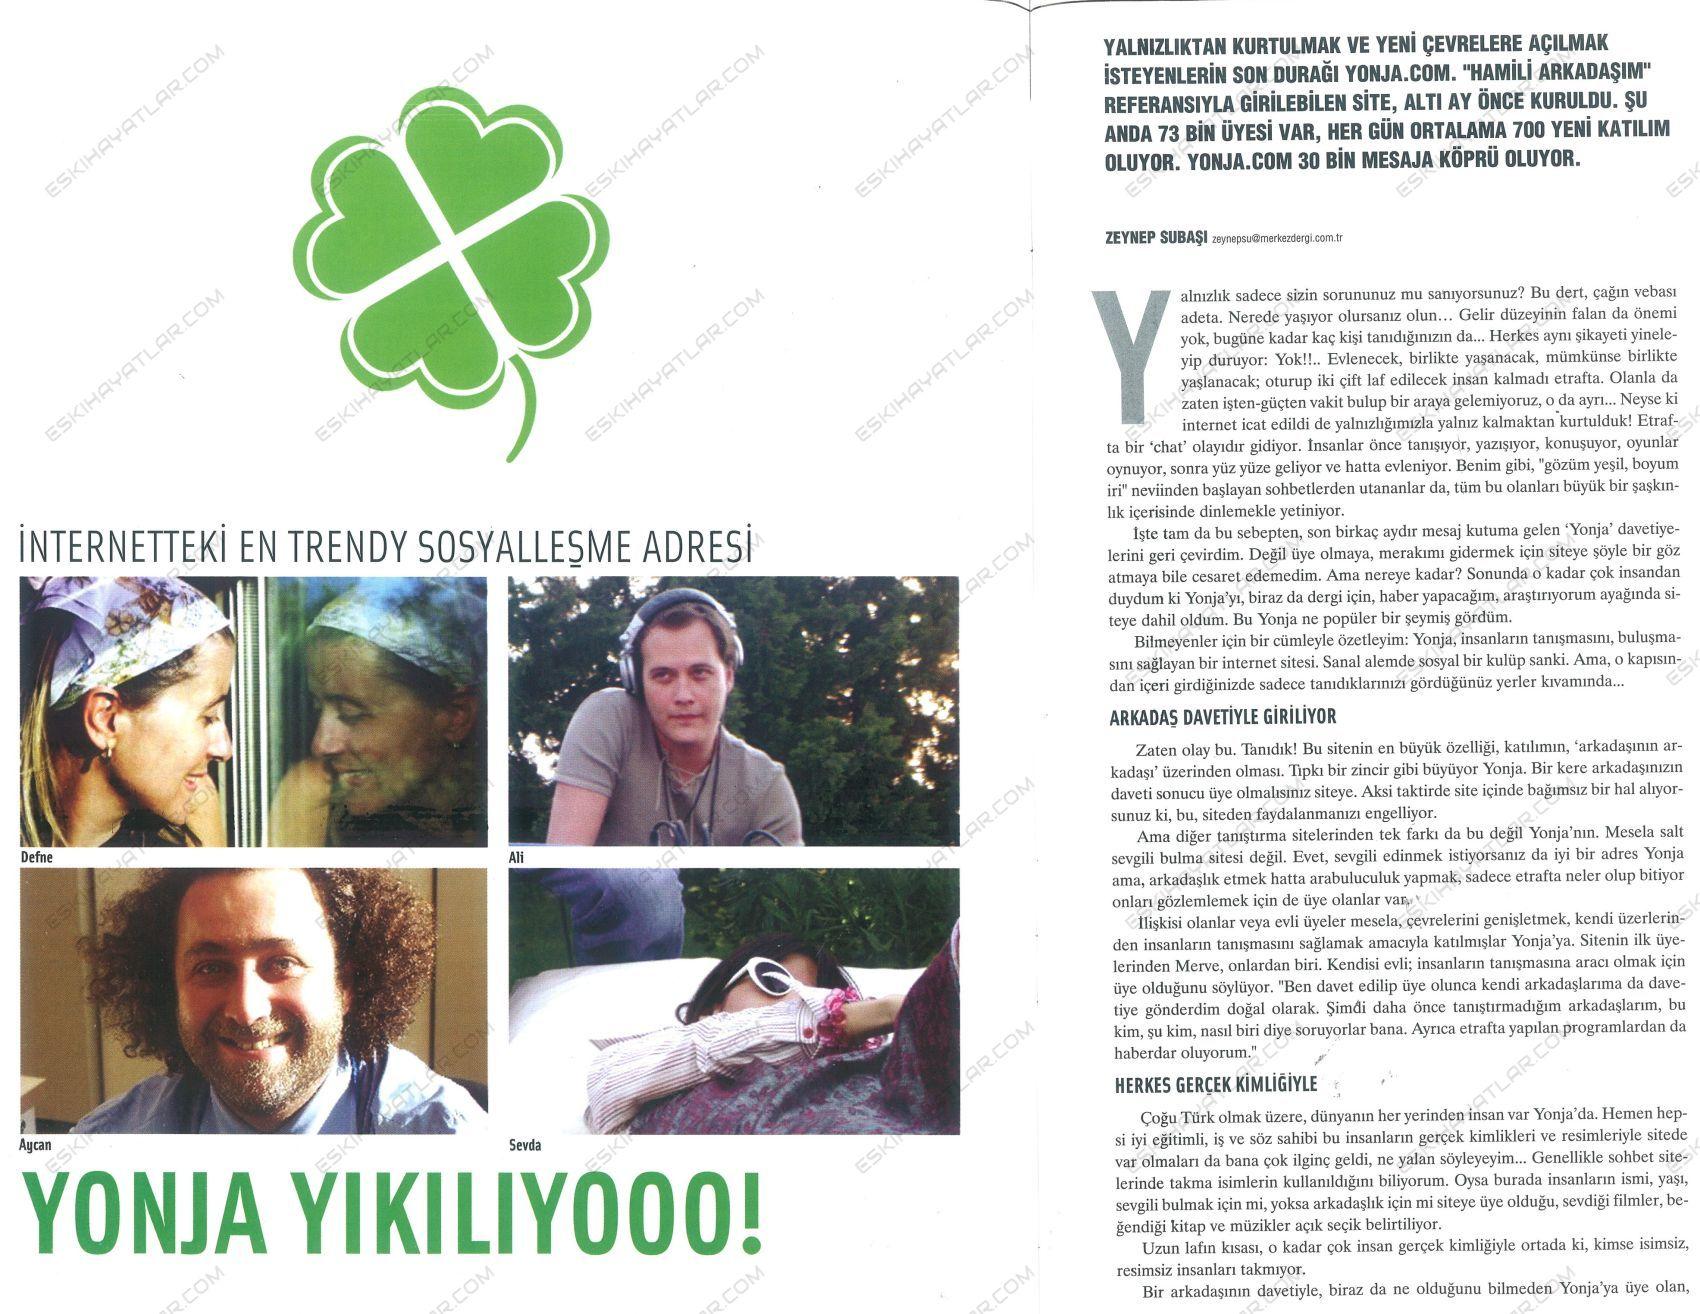 0292-turk-sosyal-ag-projesi-yonja (2)